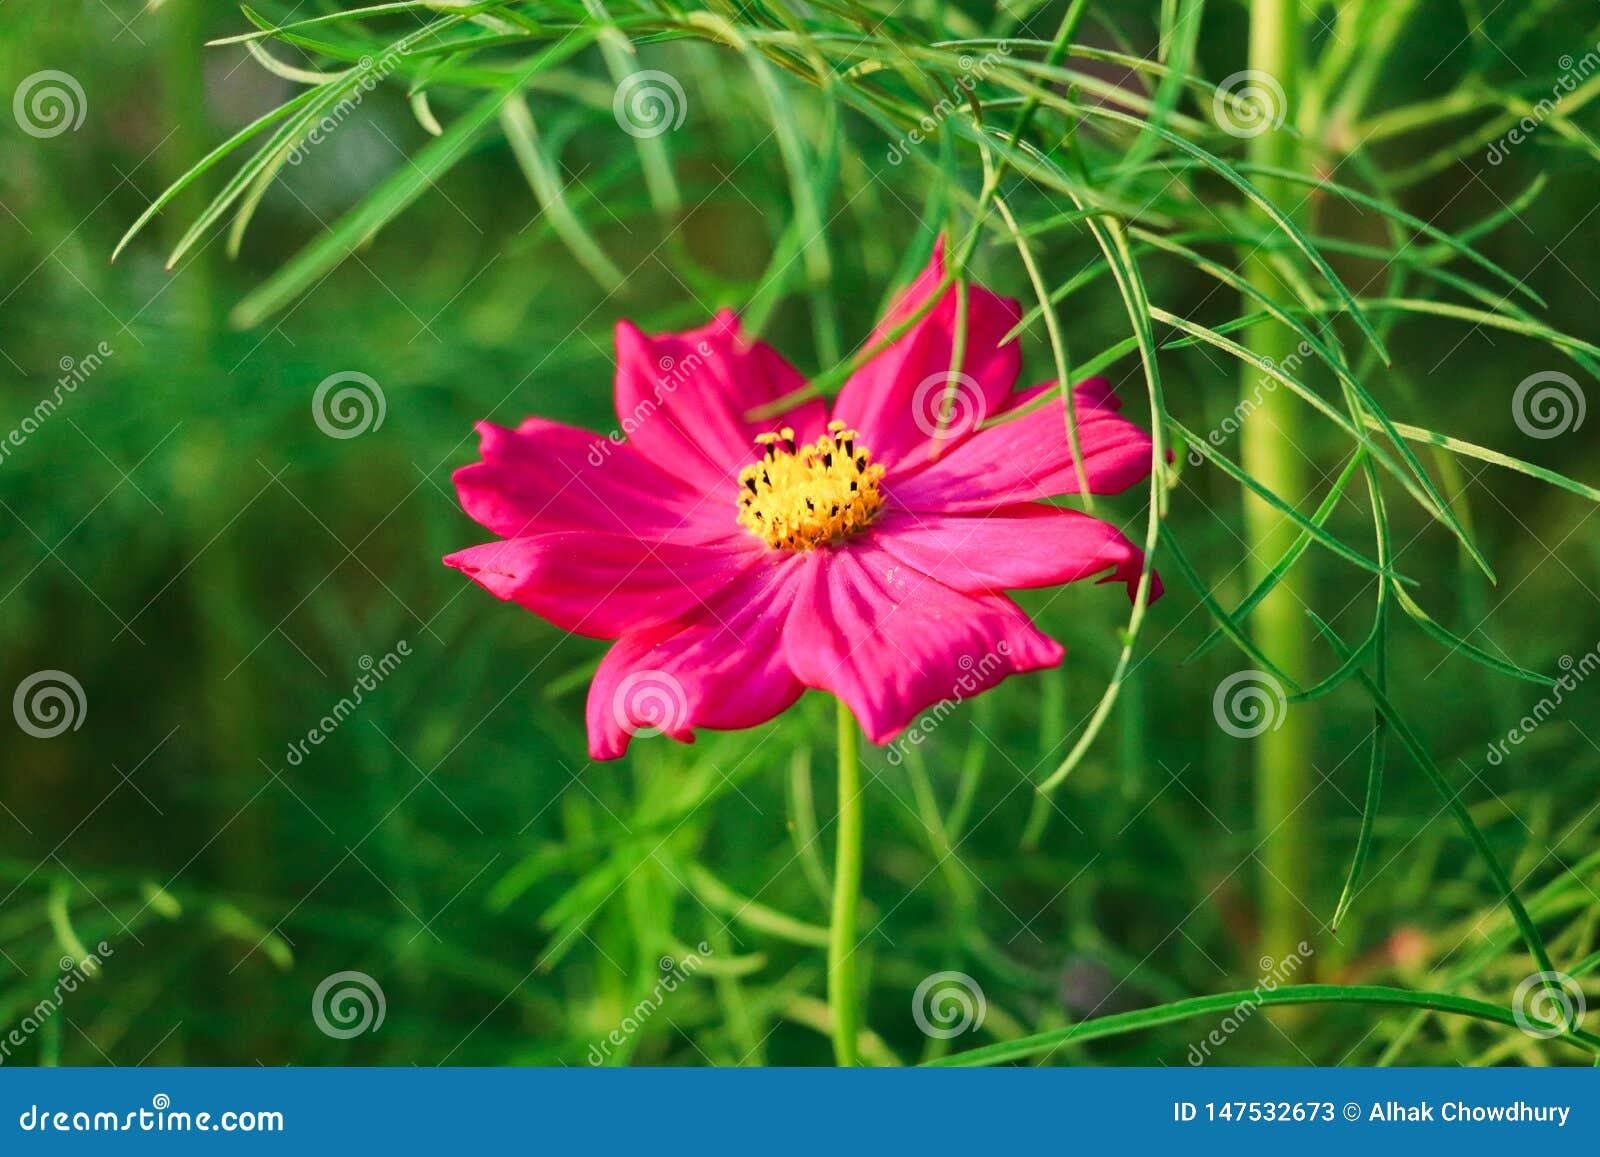 Einzelne rote Blume auf grünen Blättern des grünen Hintergrundes